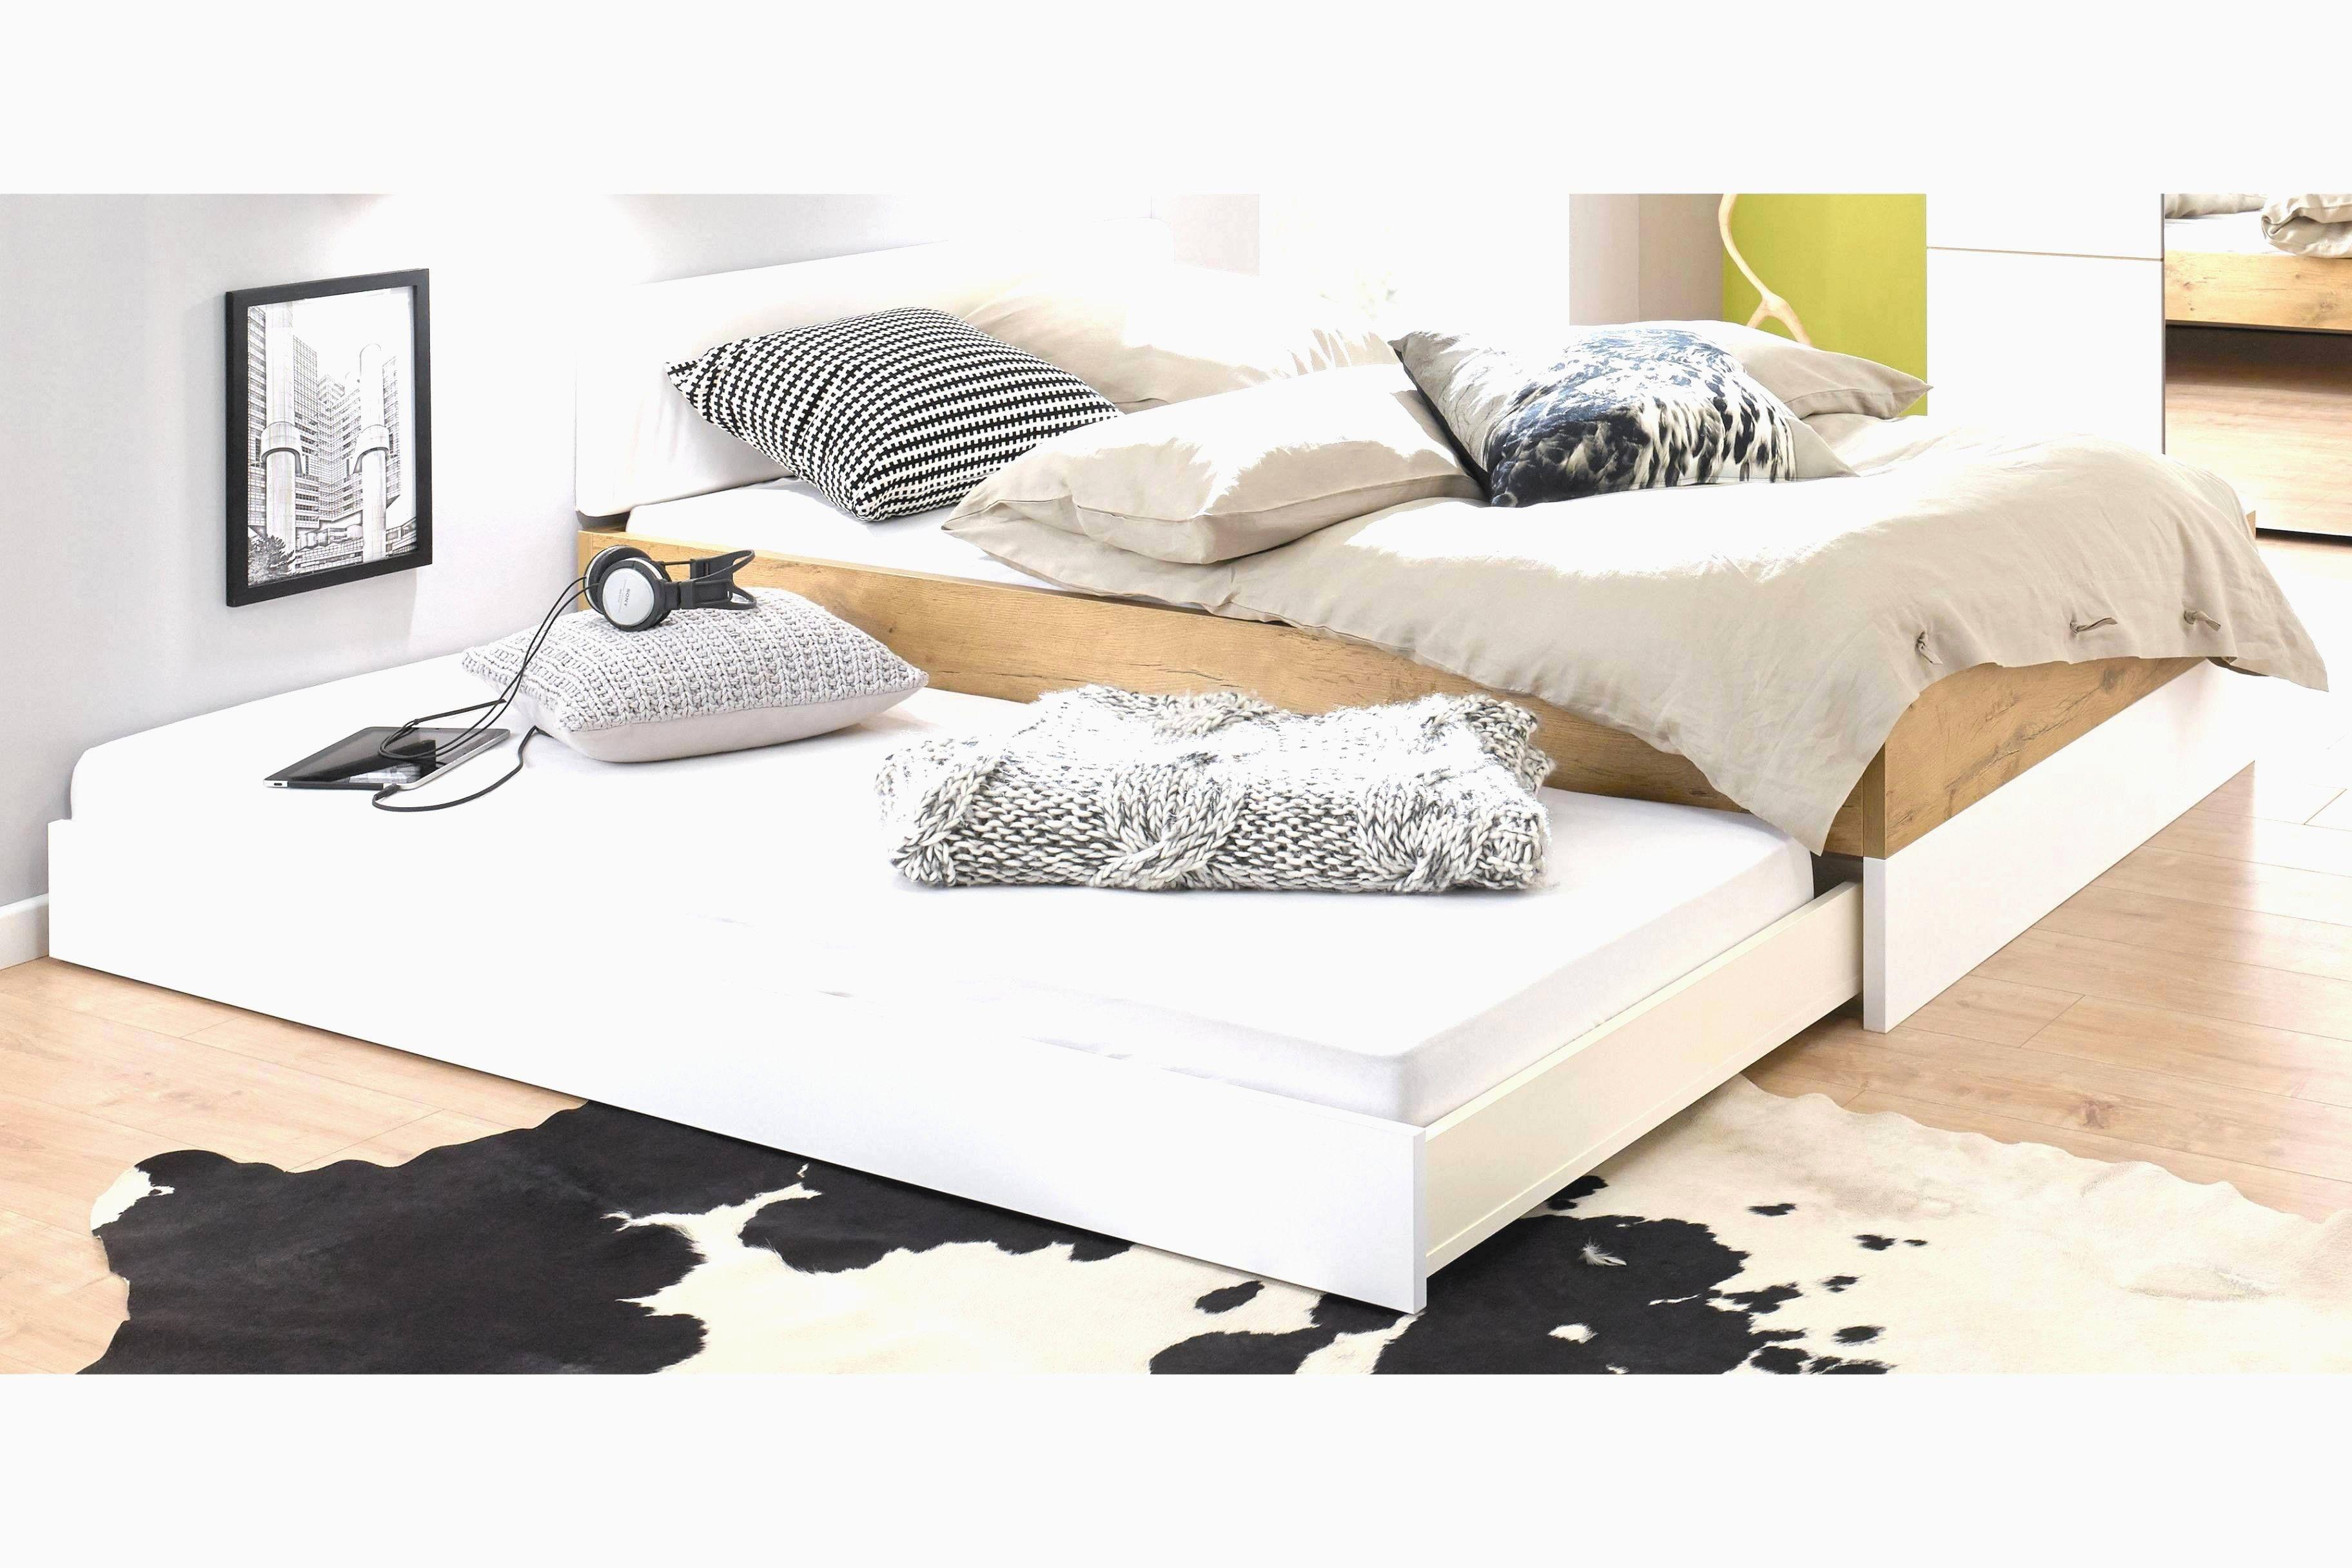 Gute Matratze 140 200 Inspirational Gute Matratze 140 200 Elegant Fotos Beste Matratze 140 200 Home Decor Furniture Bed